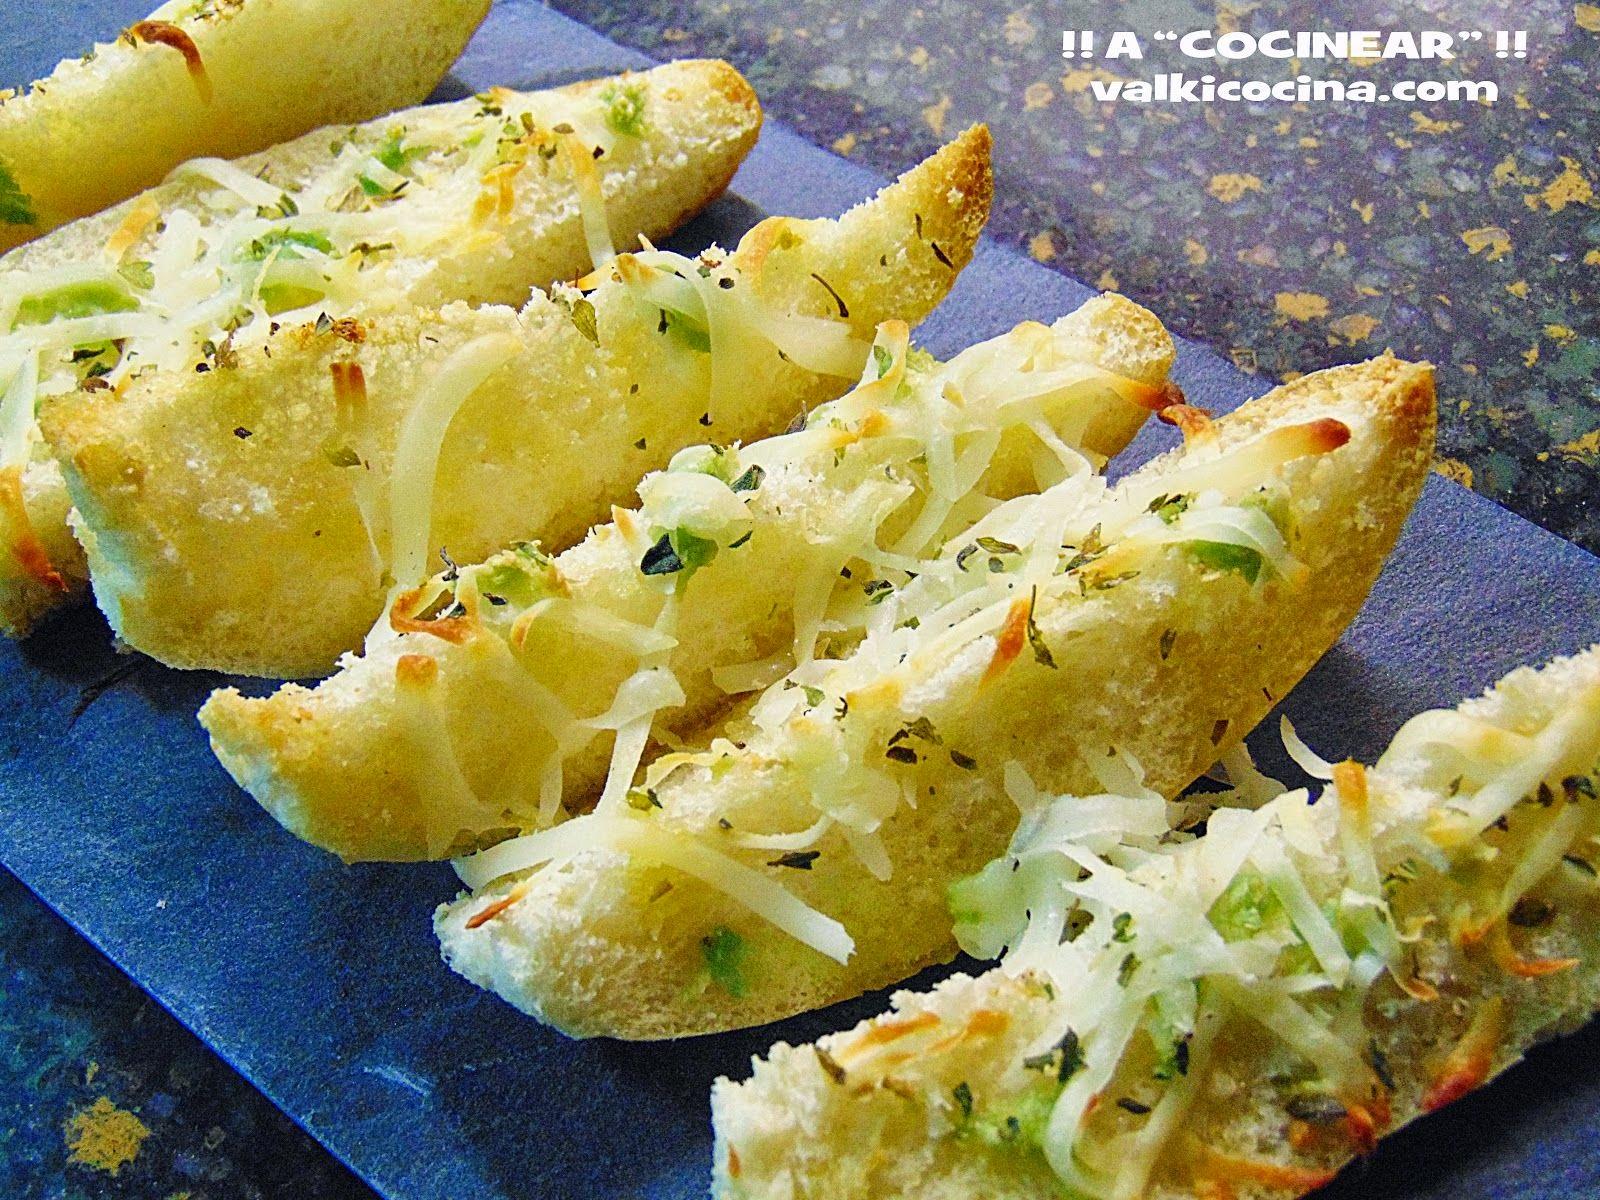 Aperitivos o entrantes calientes variados a cocinear - Como hacer aperitivos frios ...